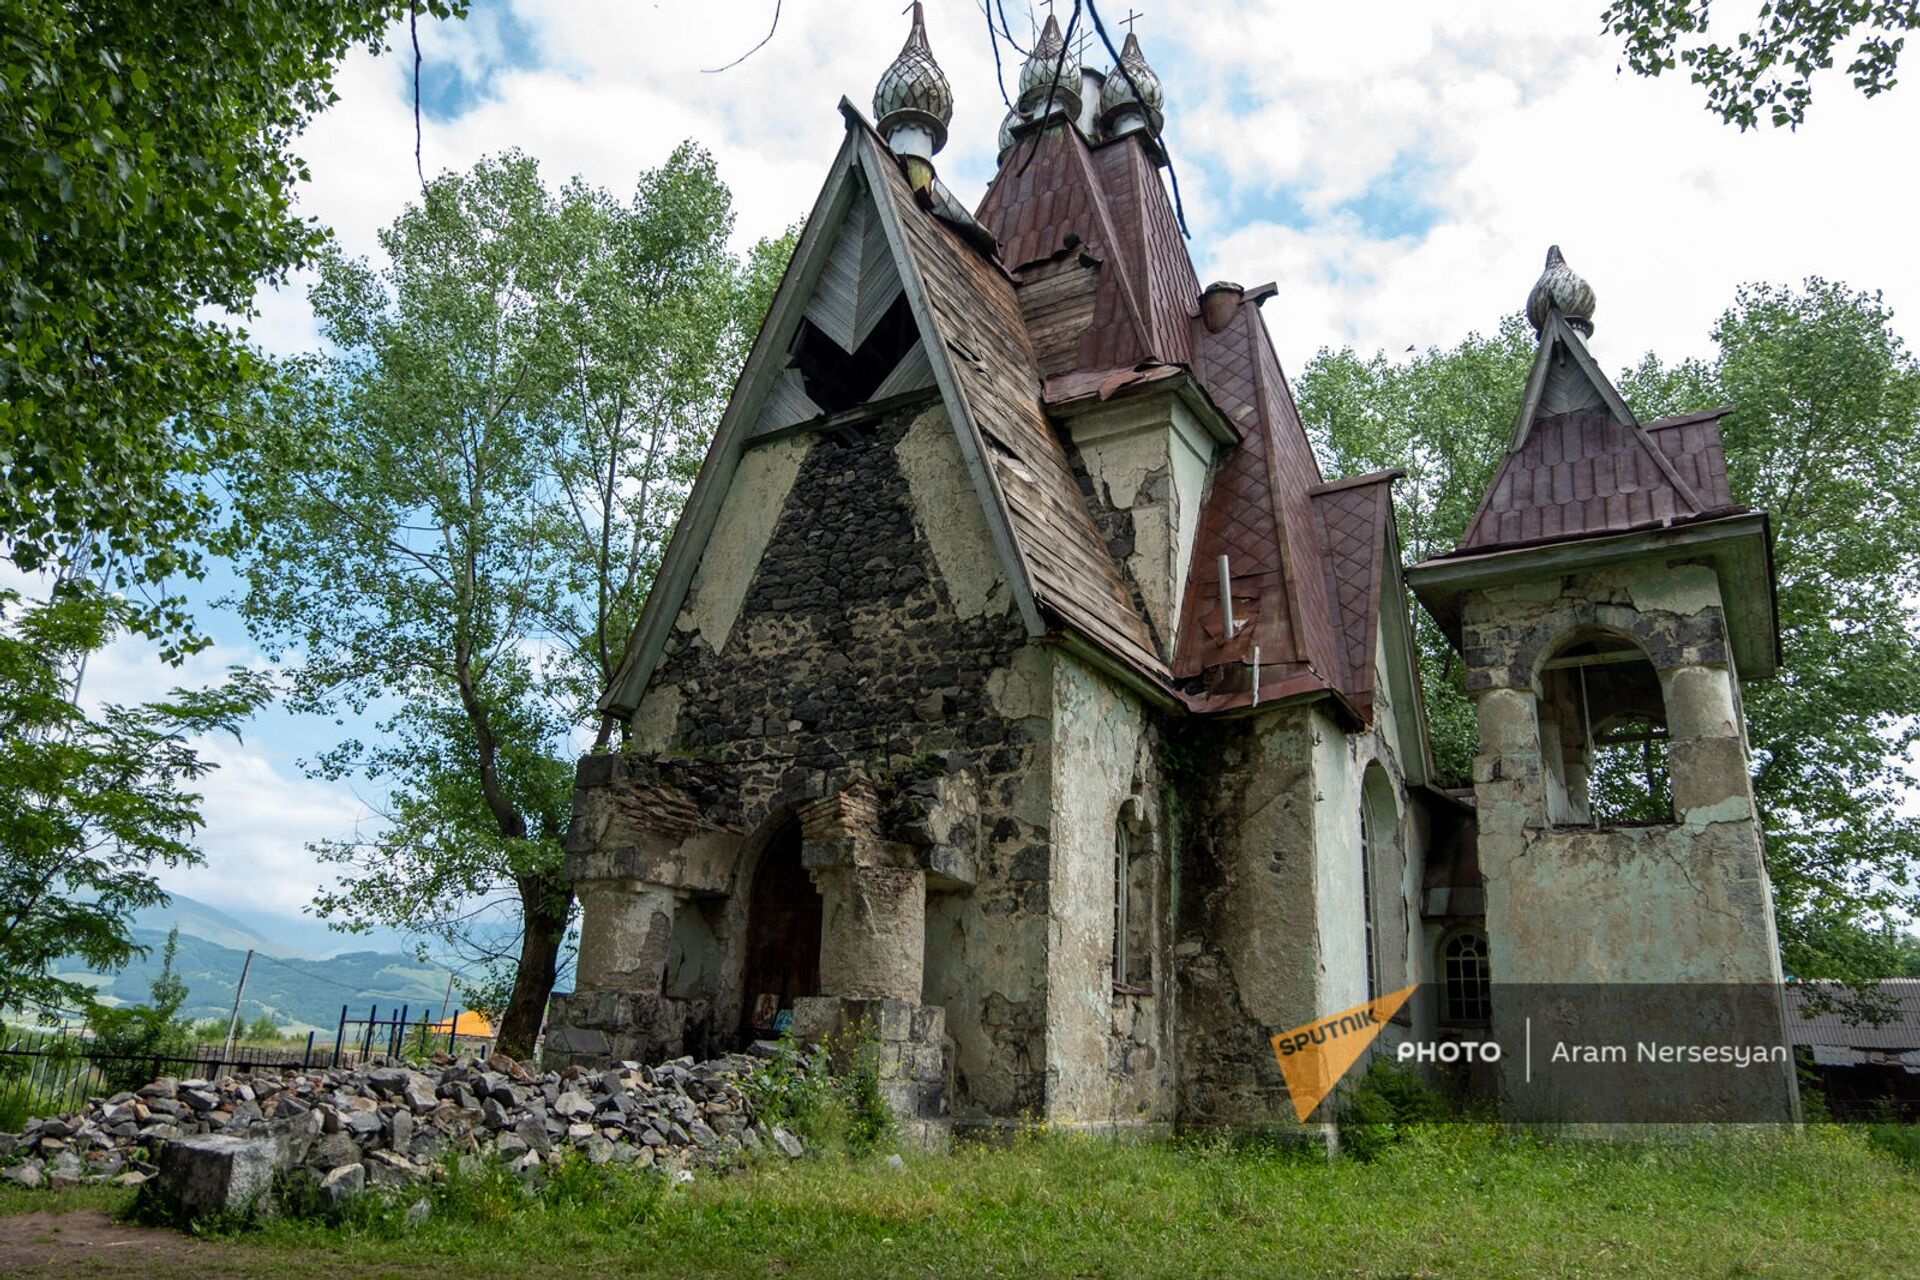 Ուղղափառության մեռնող վկան Լոռիում, կամ ինչի մասին է լռում Հրաշագործի եկեղեցին - Sputnik Արմենիա, 1920, 29.06.2021